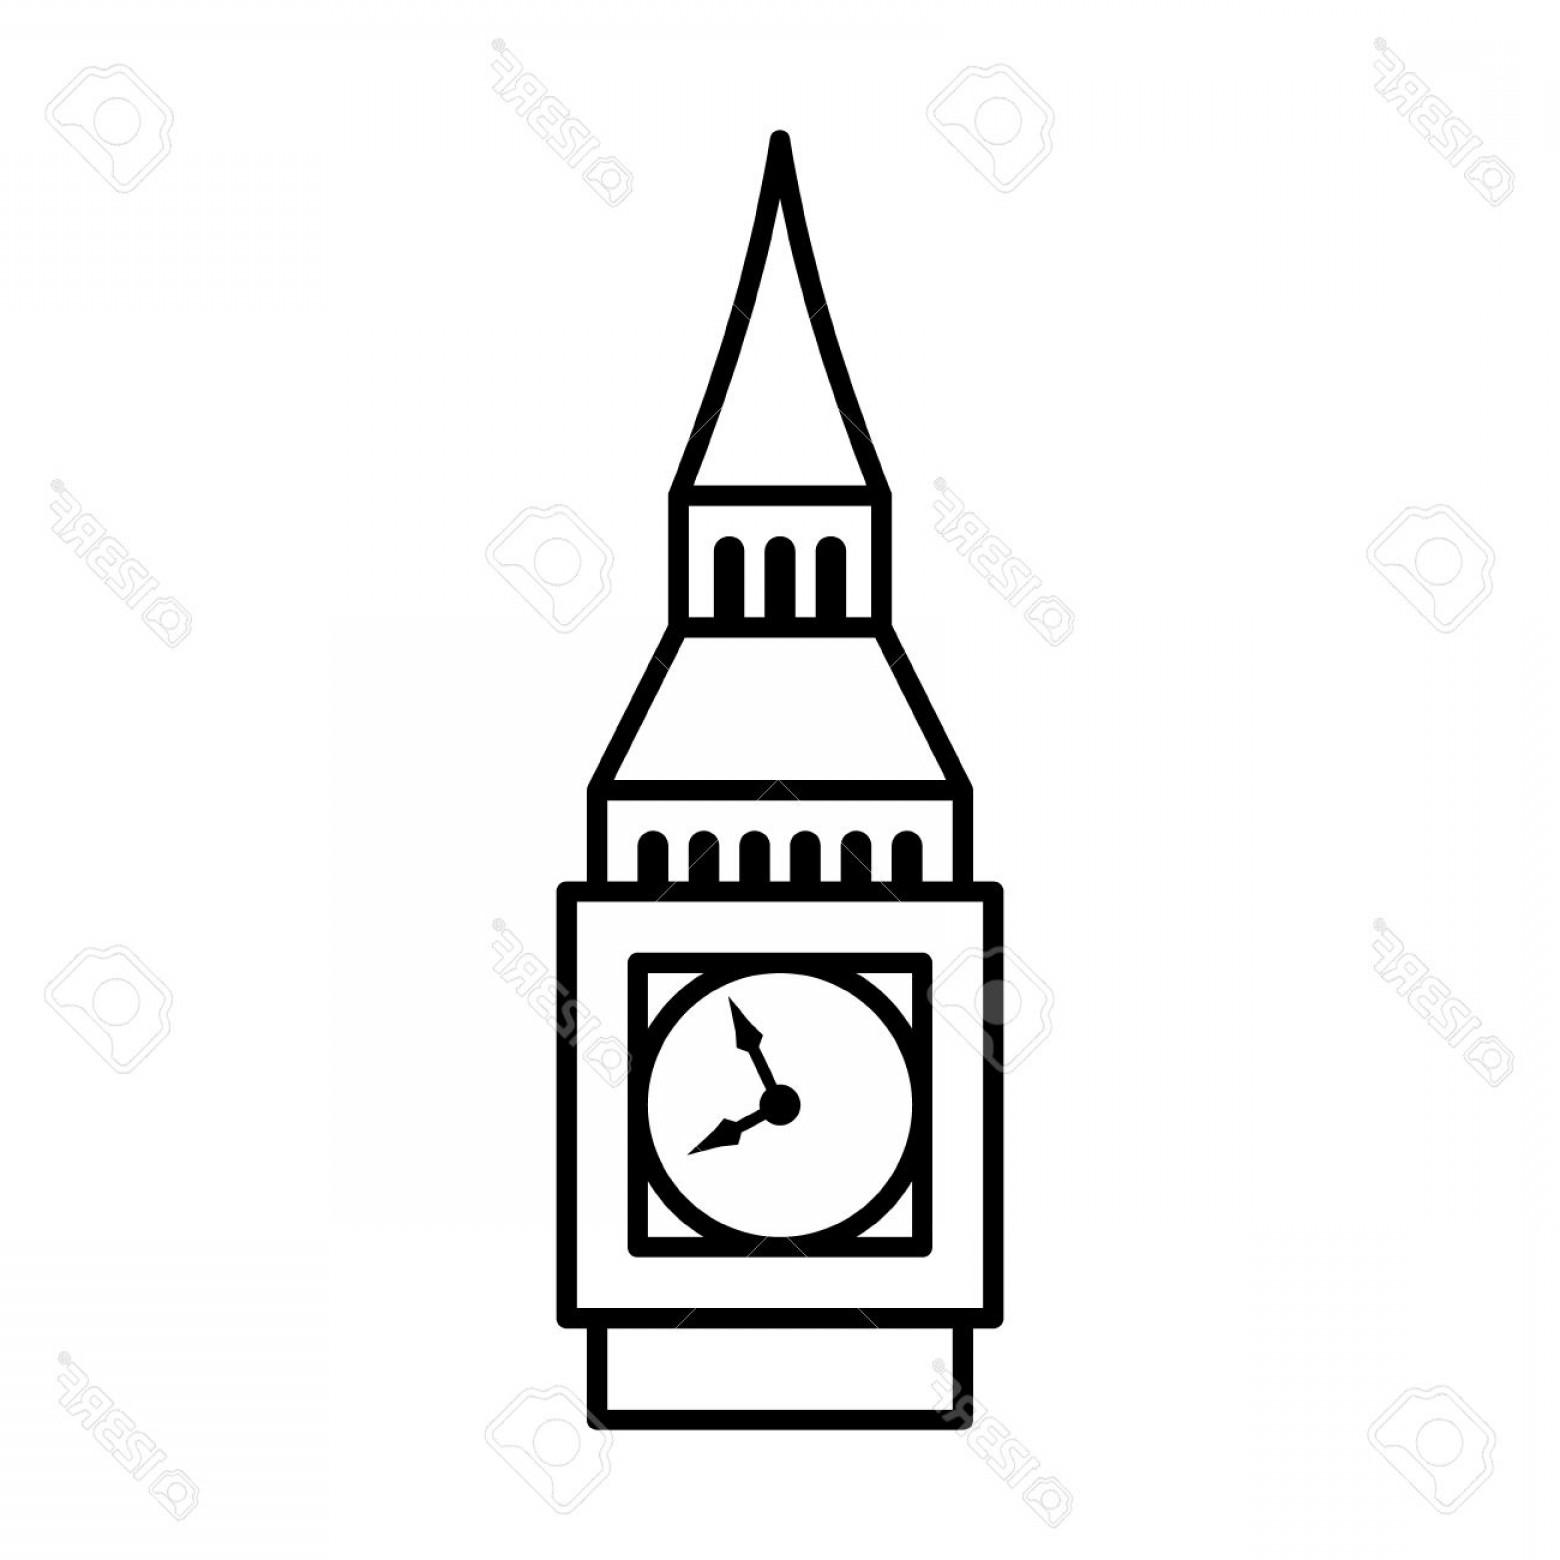 1560x1560 Photostock Vector Big Ben Clock Tower Elizabeth Tower In London